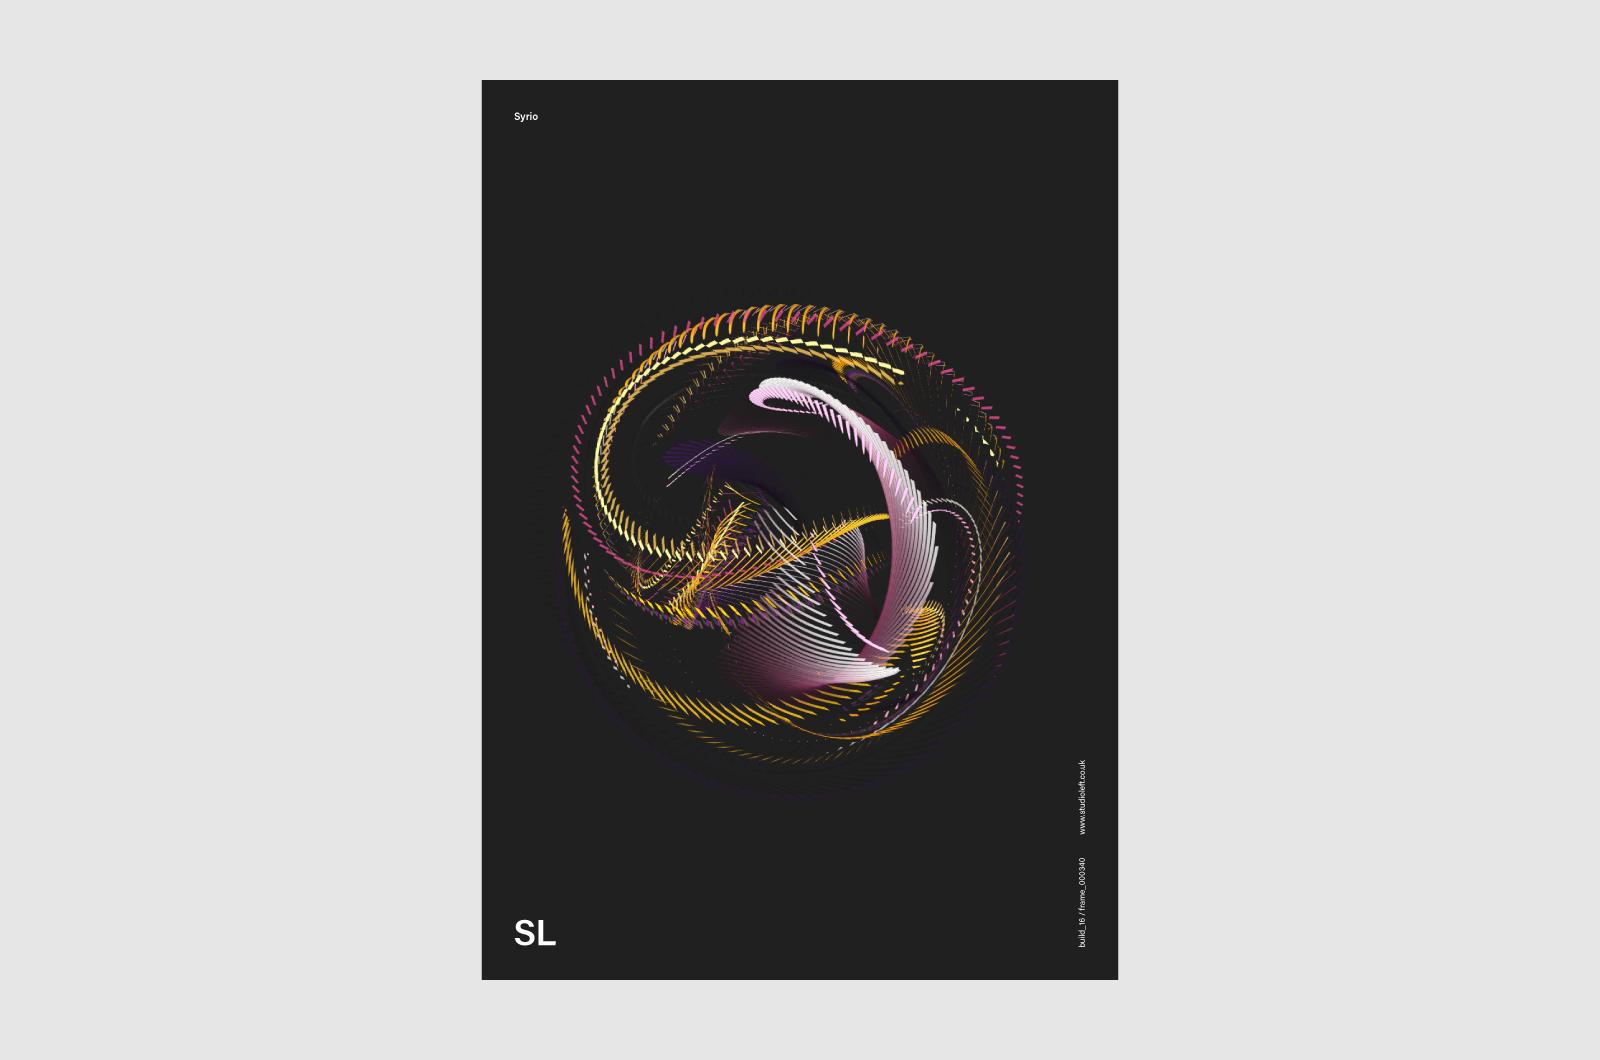 Syrio poster 07